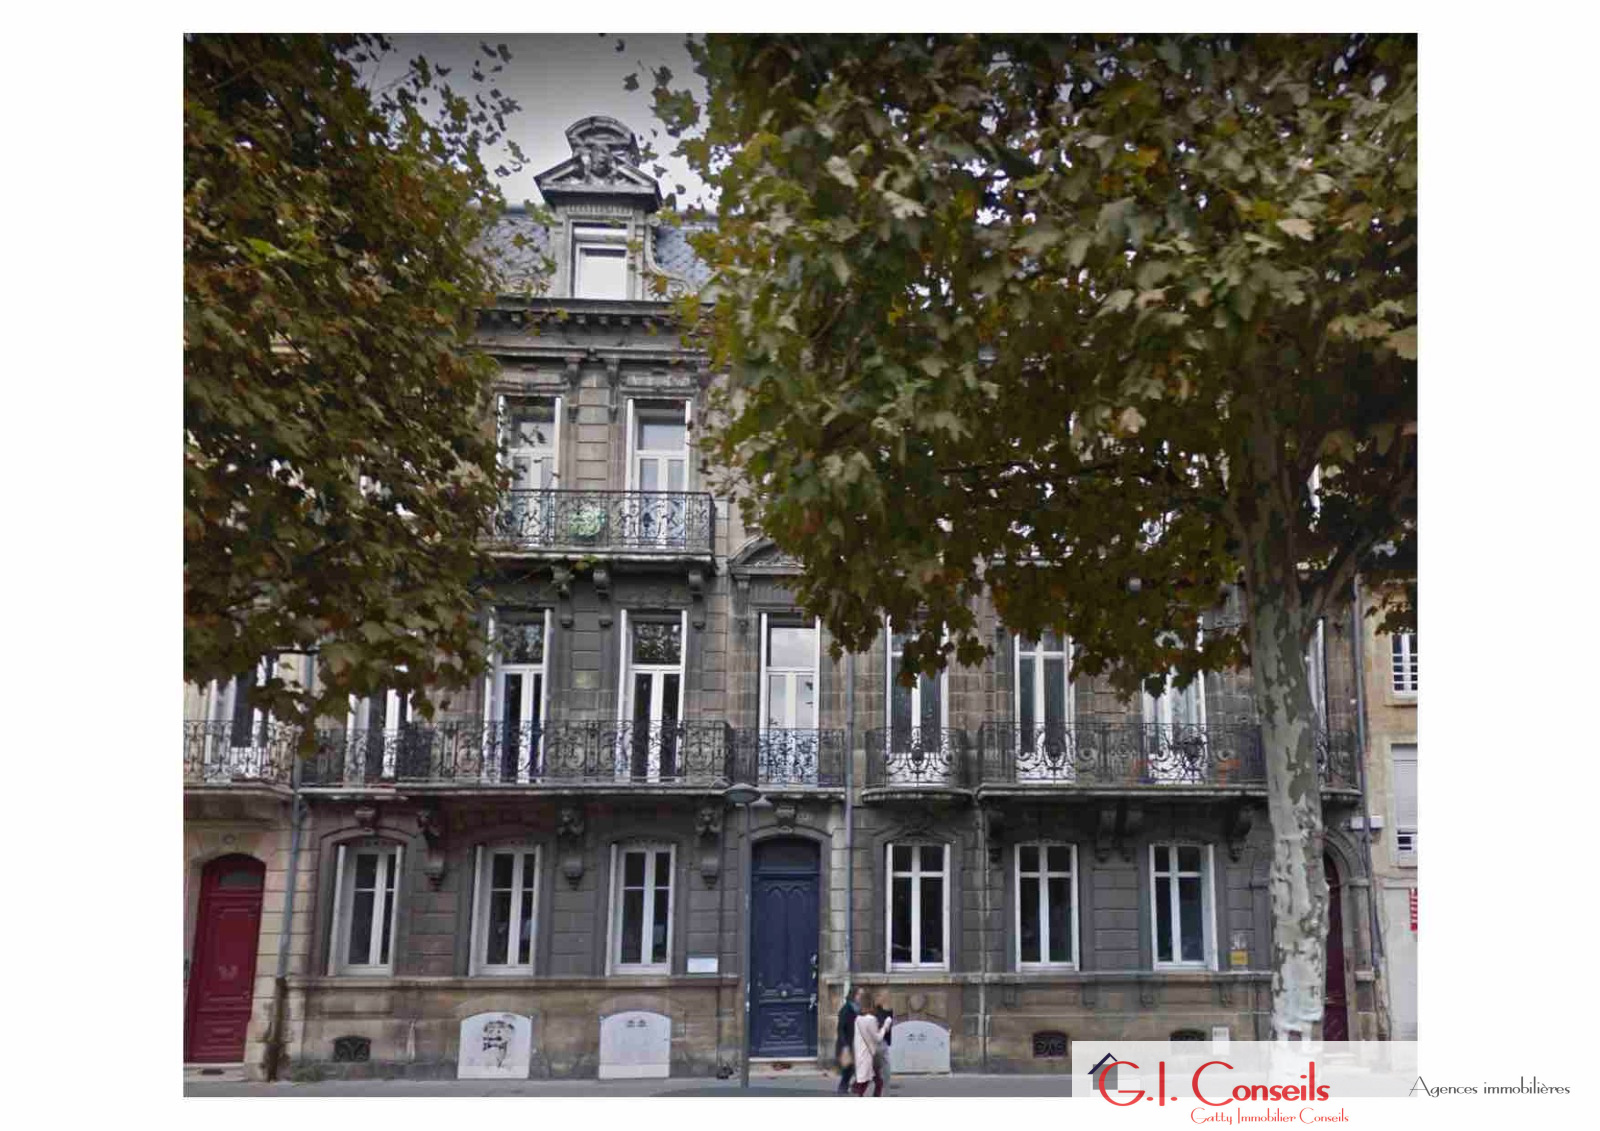 Vente bordeaux bastide immeuble de rapport 500 m2 cour 120 m2 for Bordeaux bastide immobilier